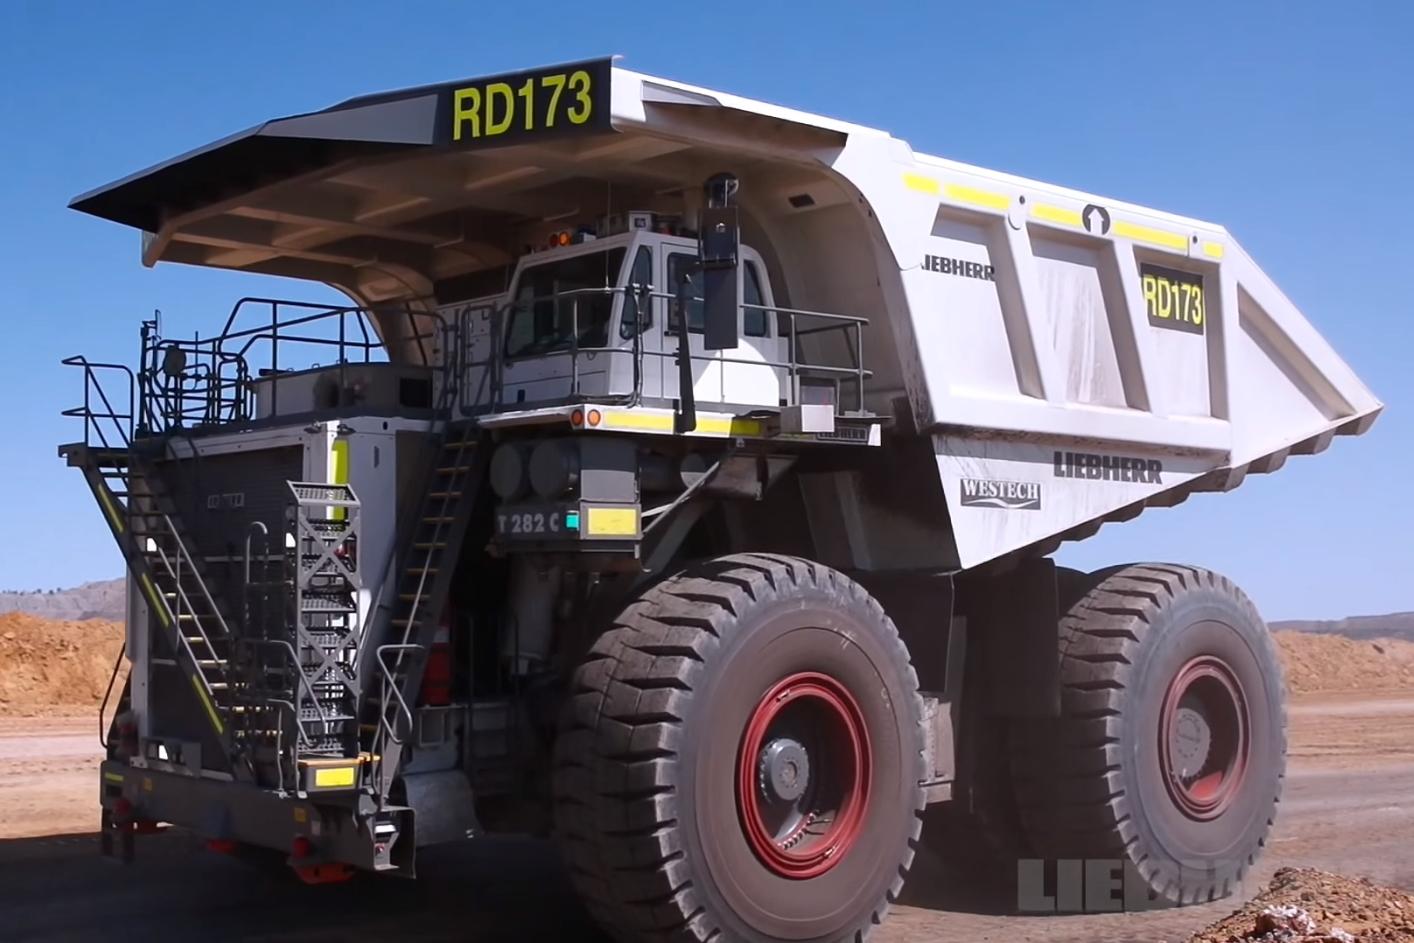 Imagem de Veja como é impressionante a construção de um caminhão gigante [vídeo] no tecmundo